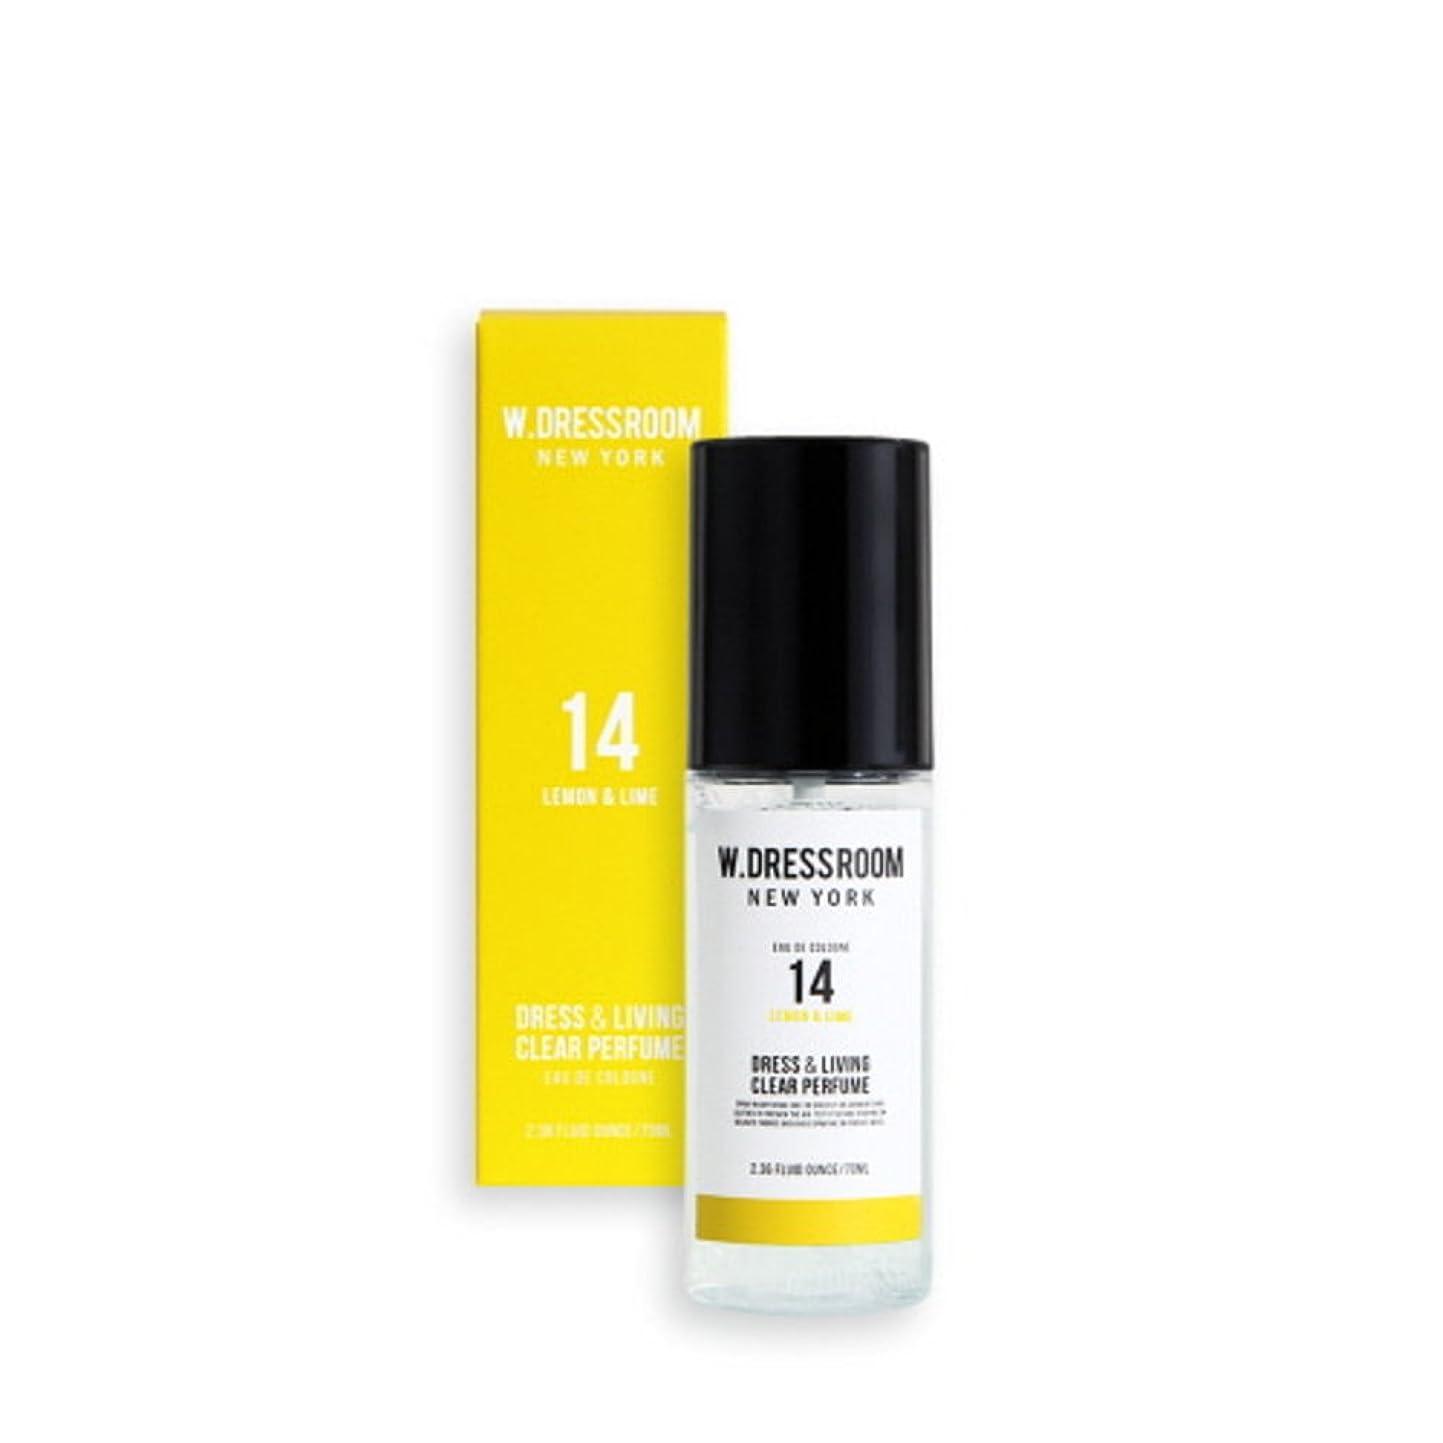 パテながら鋭くW.DRESSROOM Dress & Living Clear Perfume fragrance 70ml (#No.14 Lemon & Lime)/ダブルドレスルーム ドレス&リビング クリア パフューム 70ml (#No.14 Lemon & Lime)